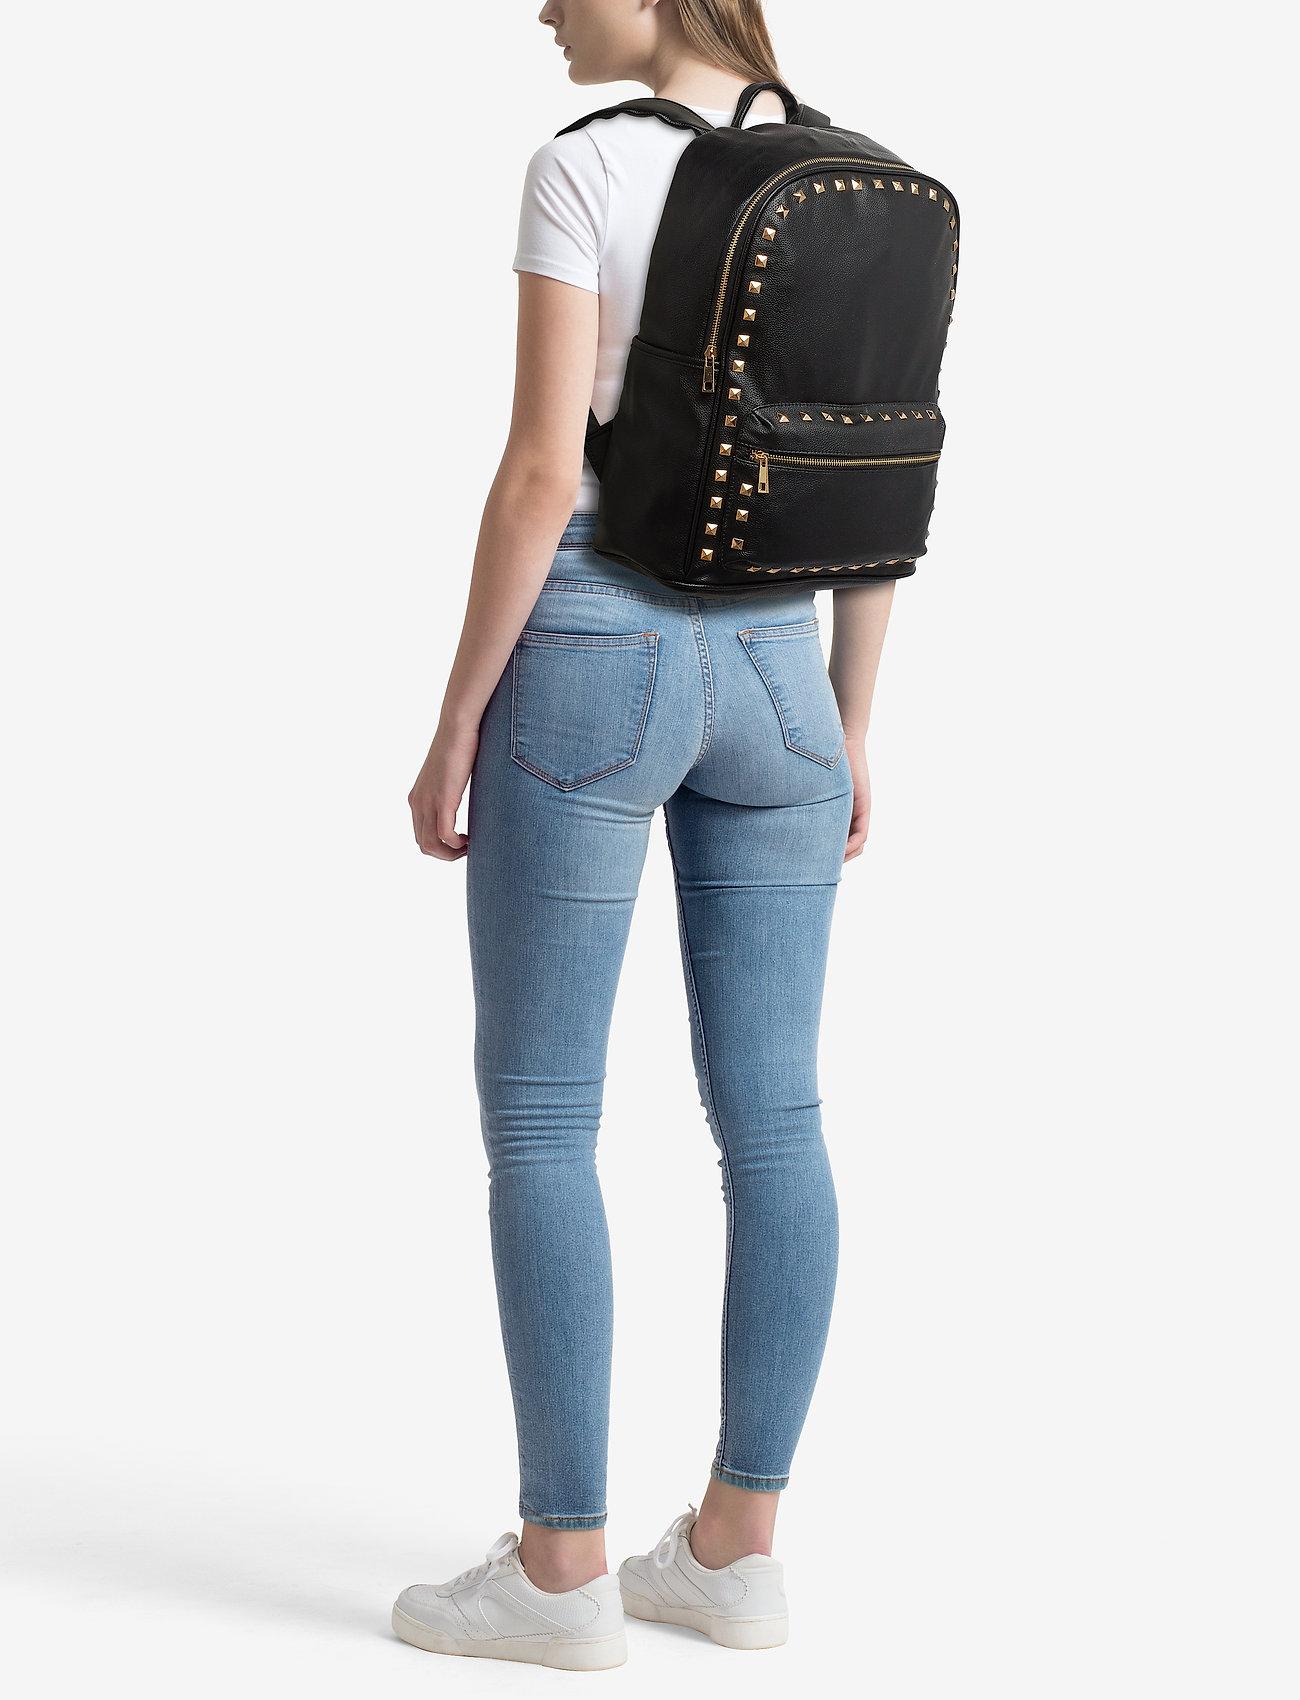 Sofie Schnoor Backpack - BLACK